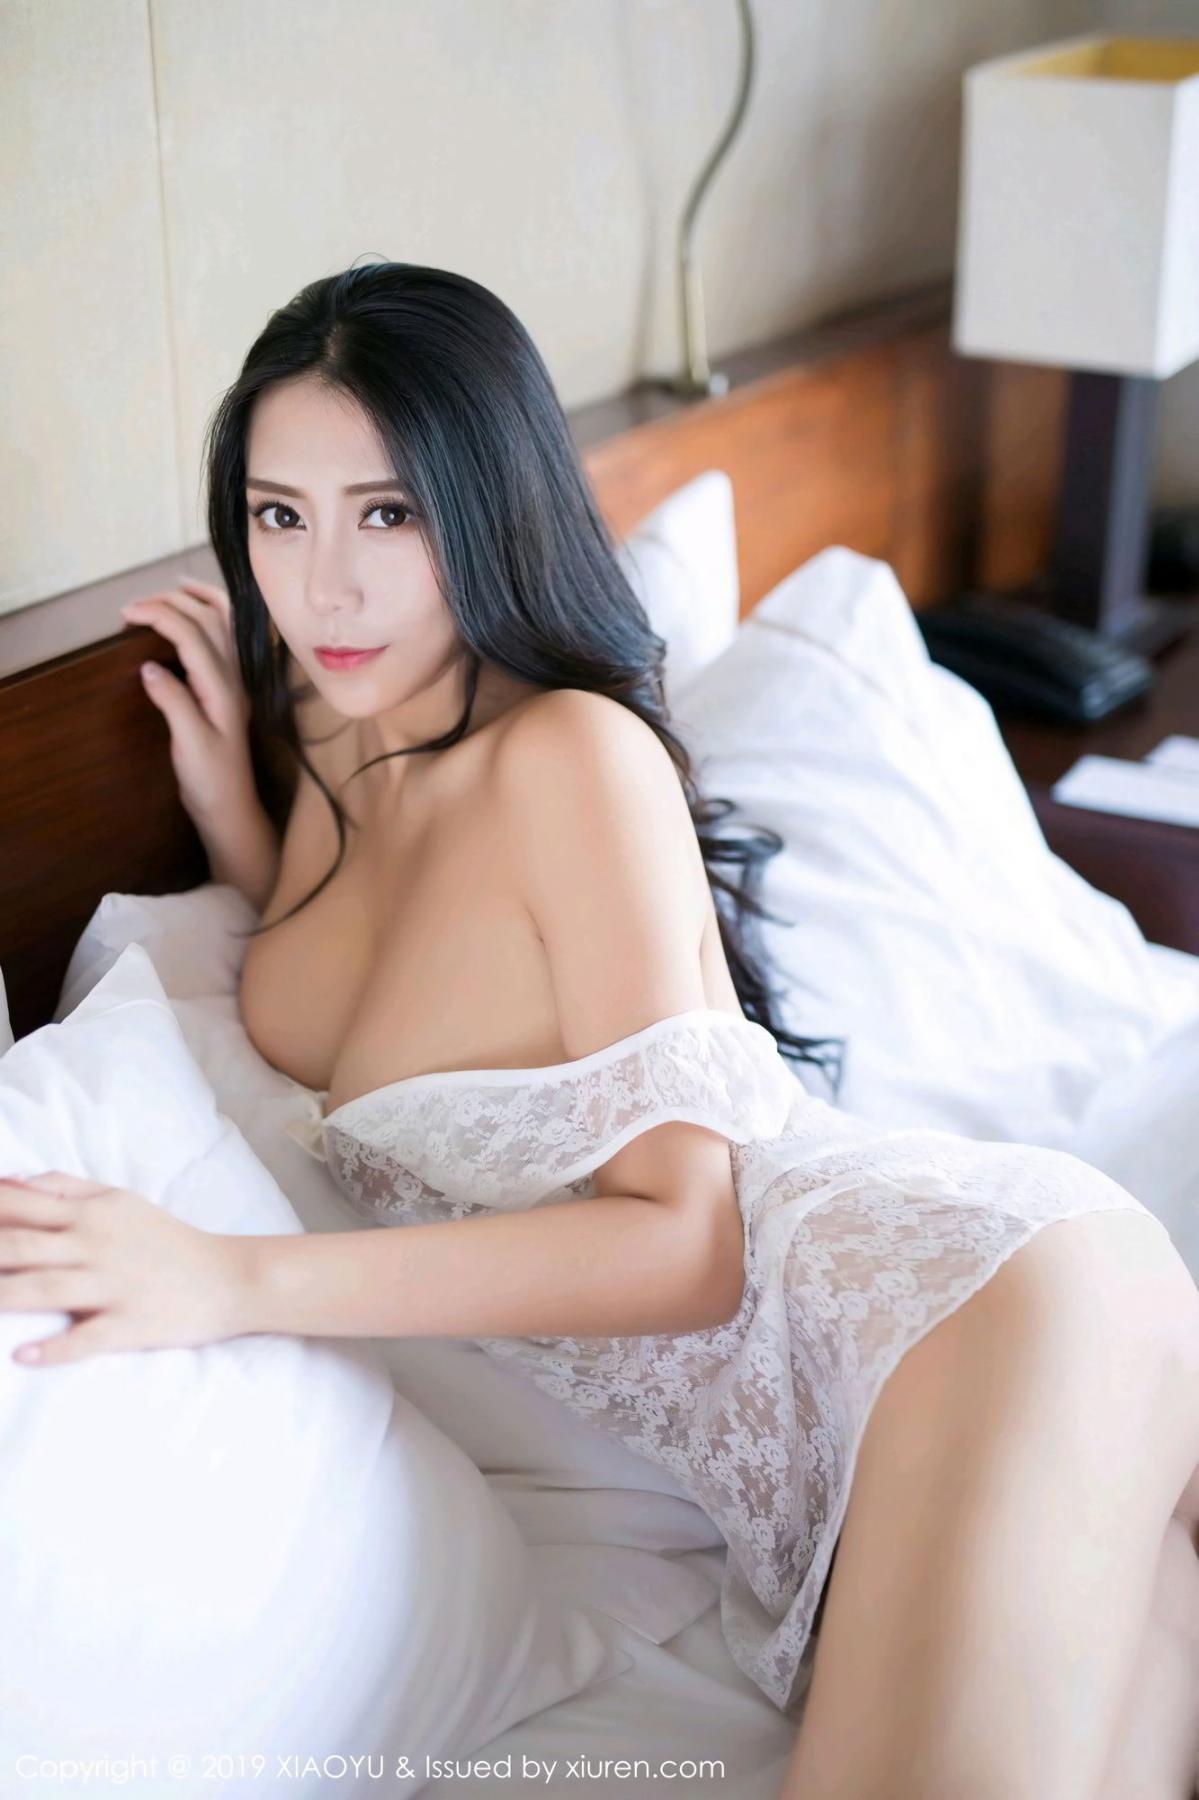 [XiaoYu] Vol.136 An Ke Er 4P, An Ke Er, Underwear, XiaoYu